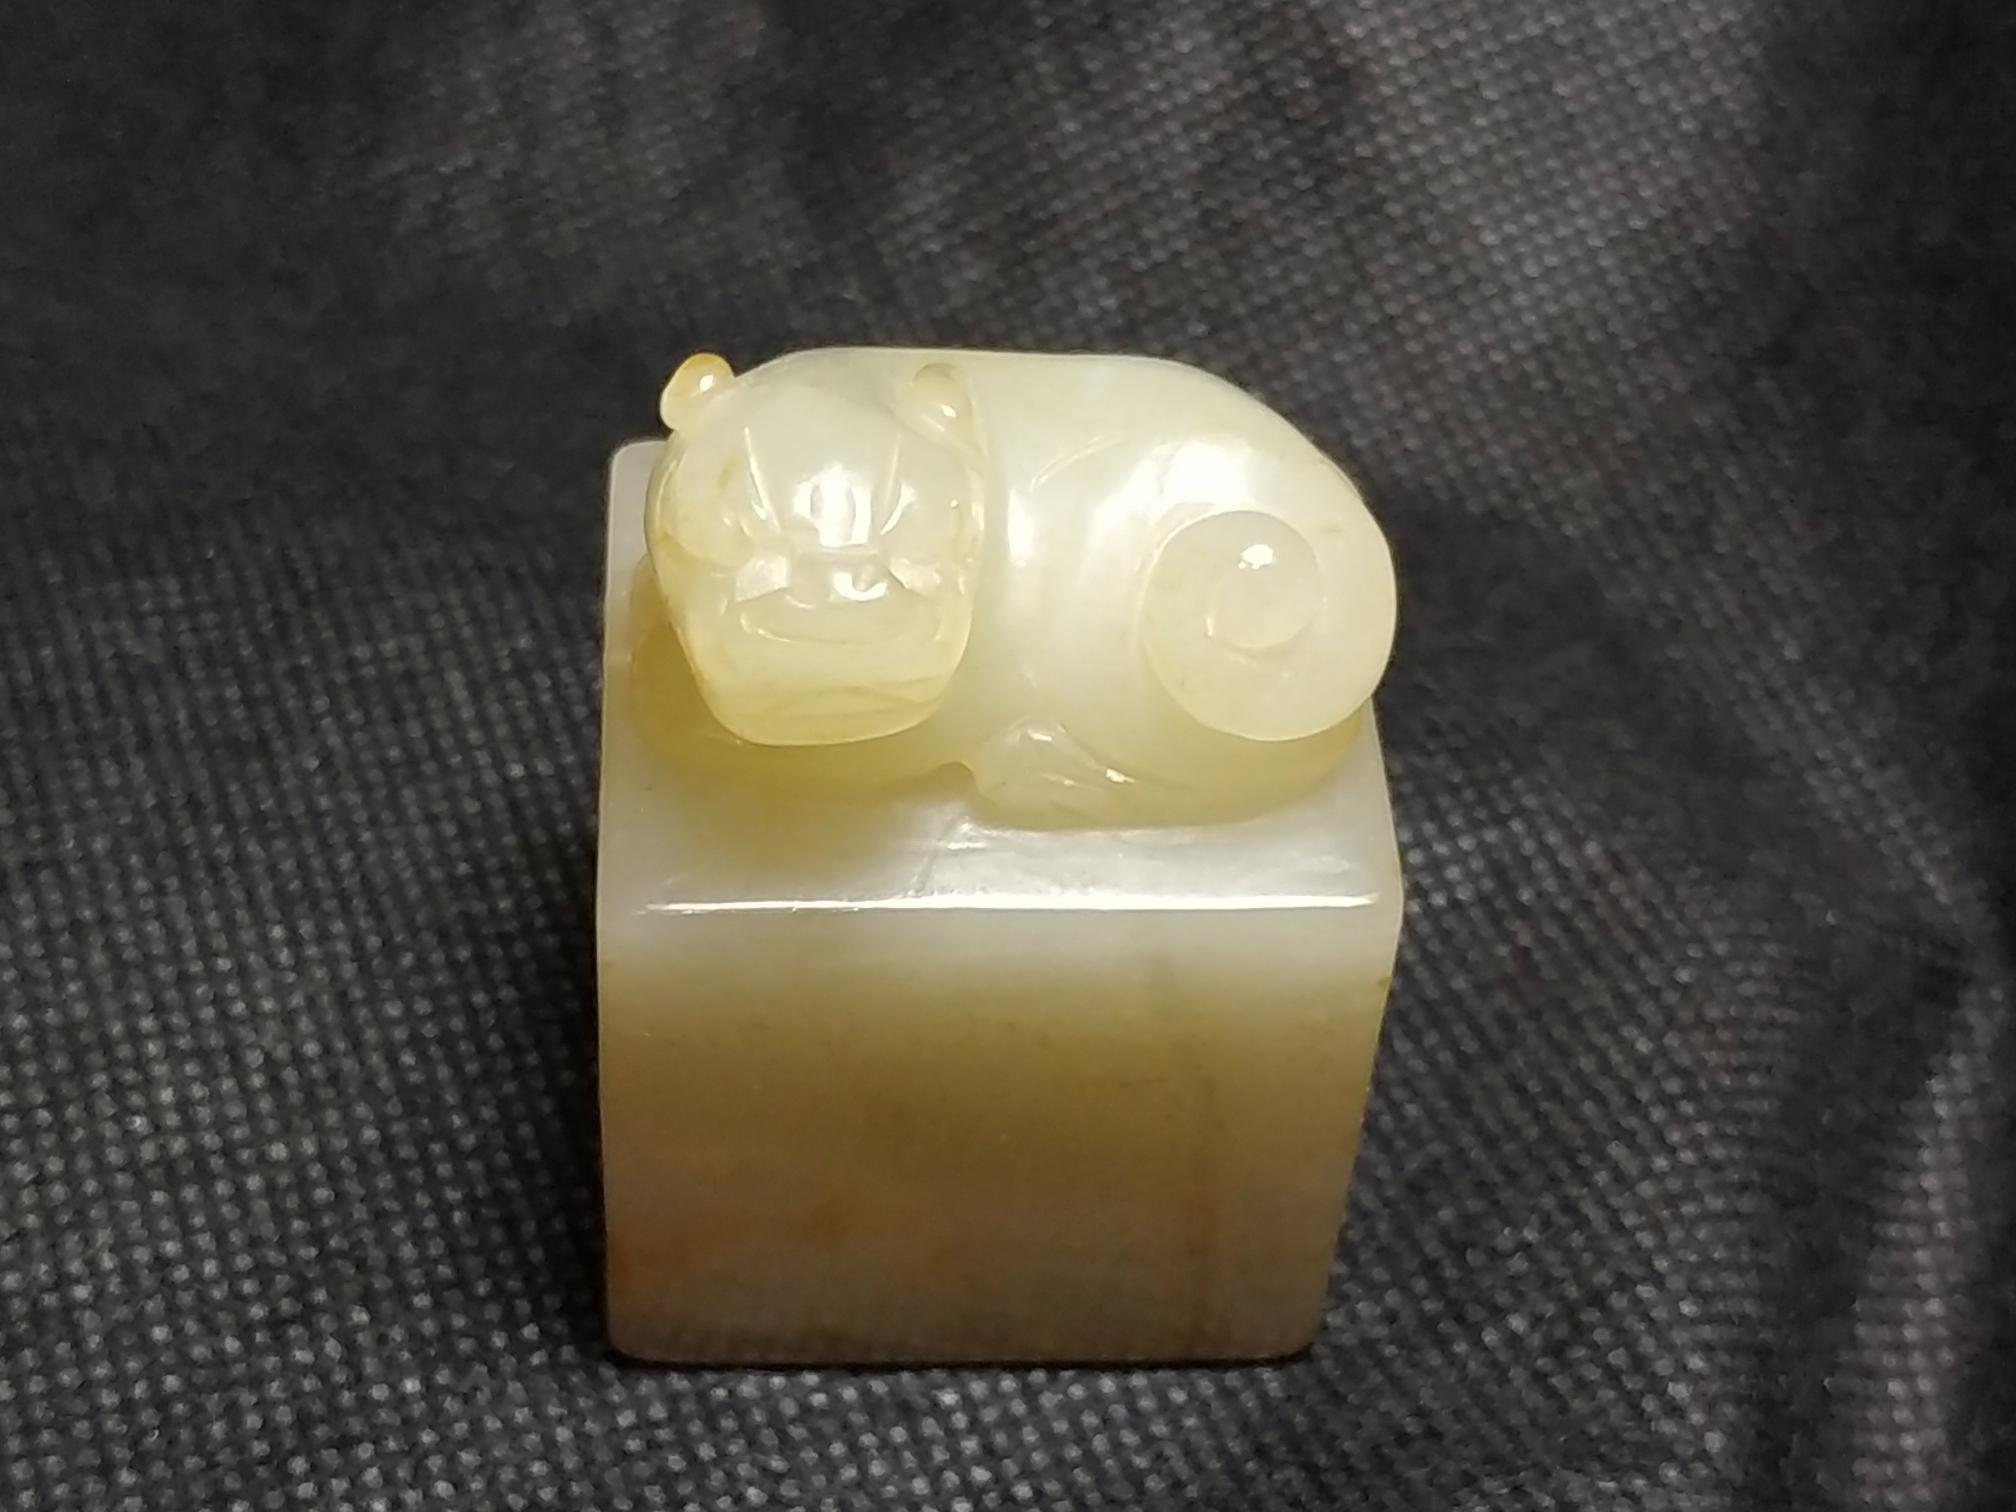 諸羅山人新年賀禮10~~傳家老和田白玉雕獅鈕印;玉質雕工極佳。長3.3寬2.8高.5公分102.2公克。